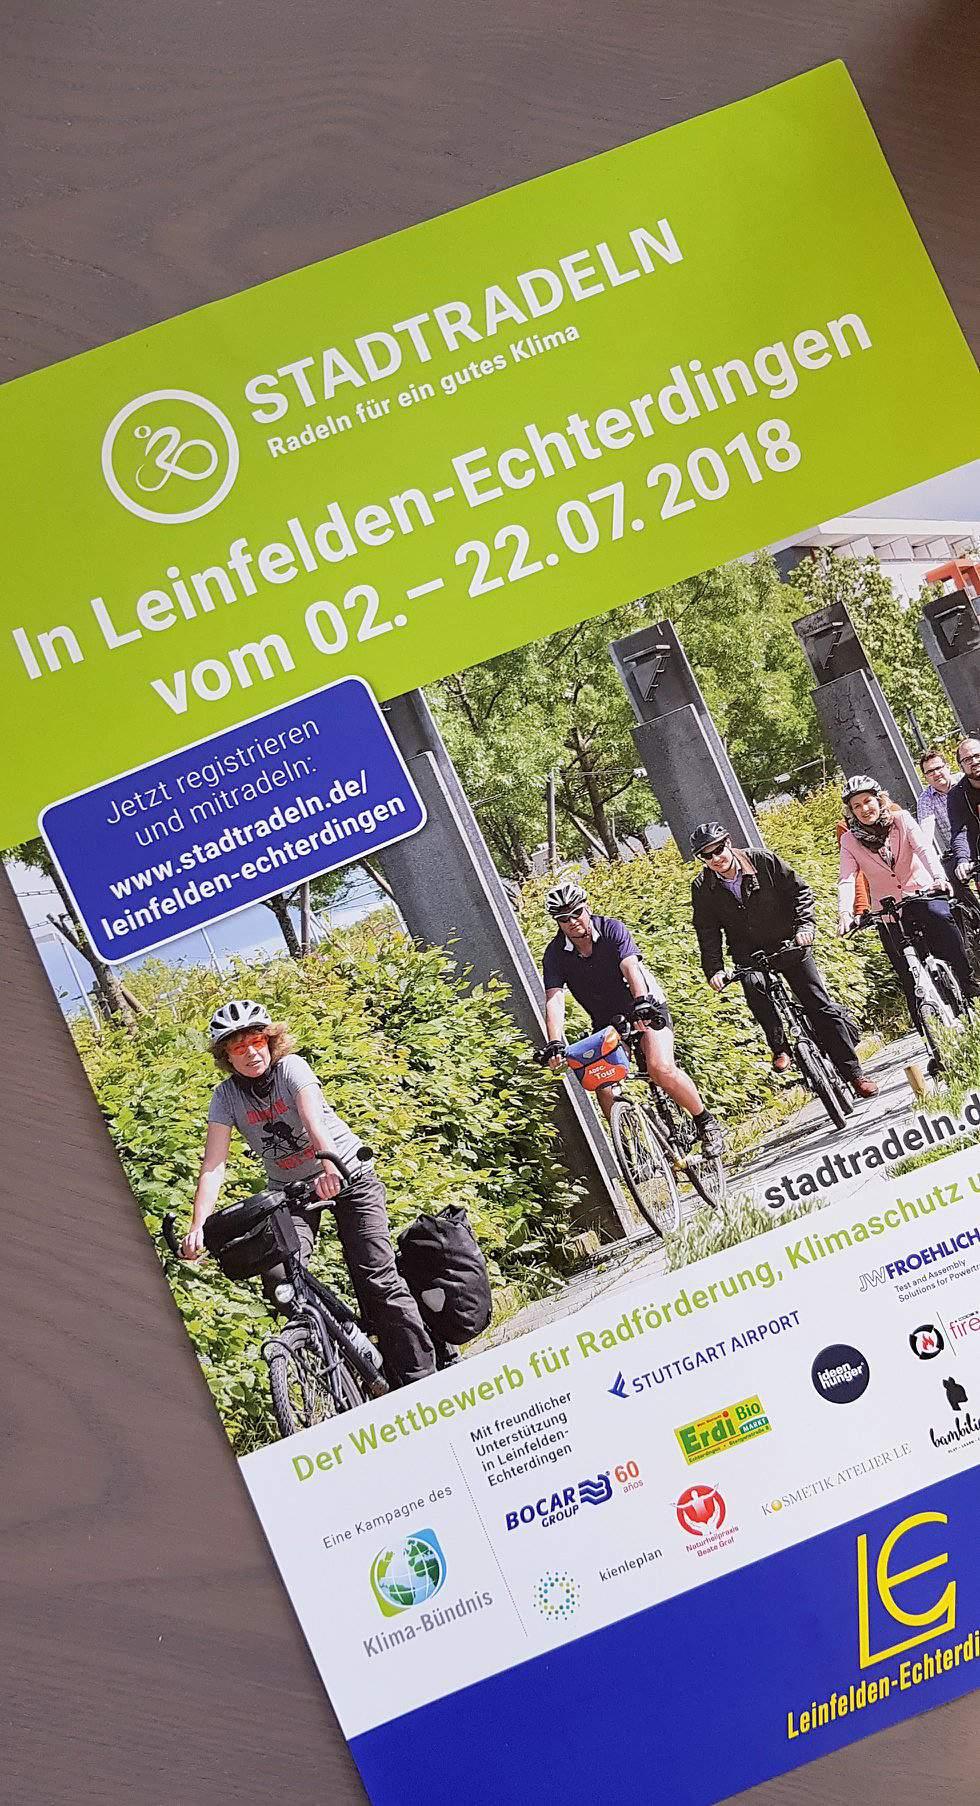 ideenhunger macht beim diesjährigen Stadtradeln in Leinfelden-Echterdingen mit